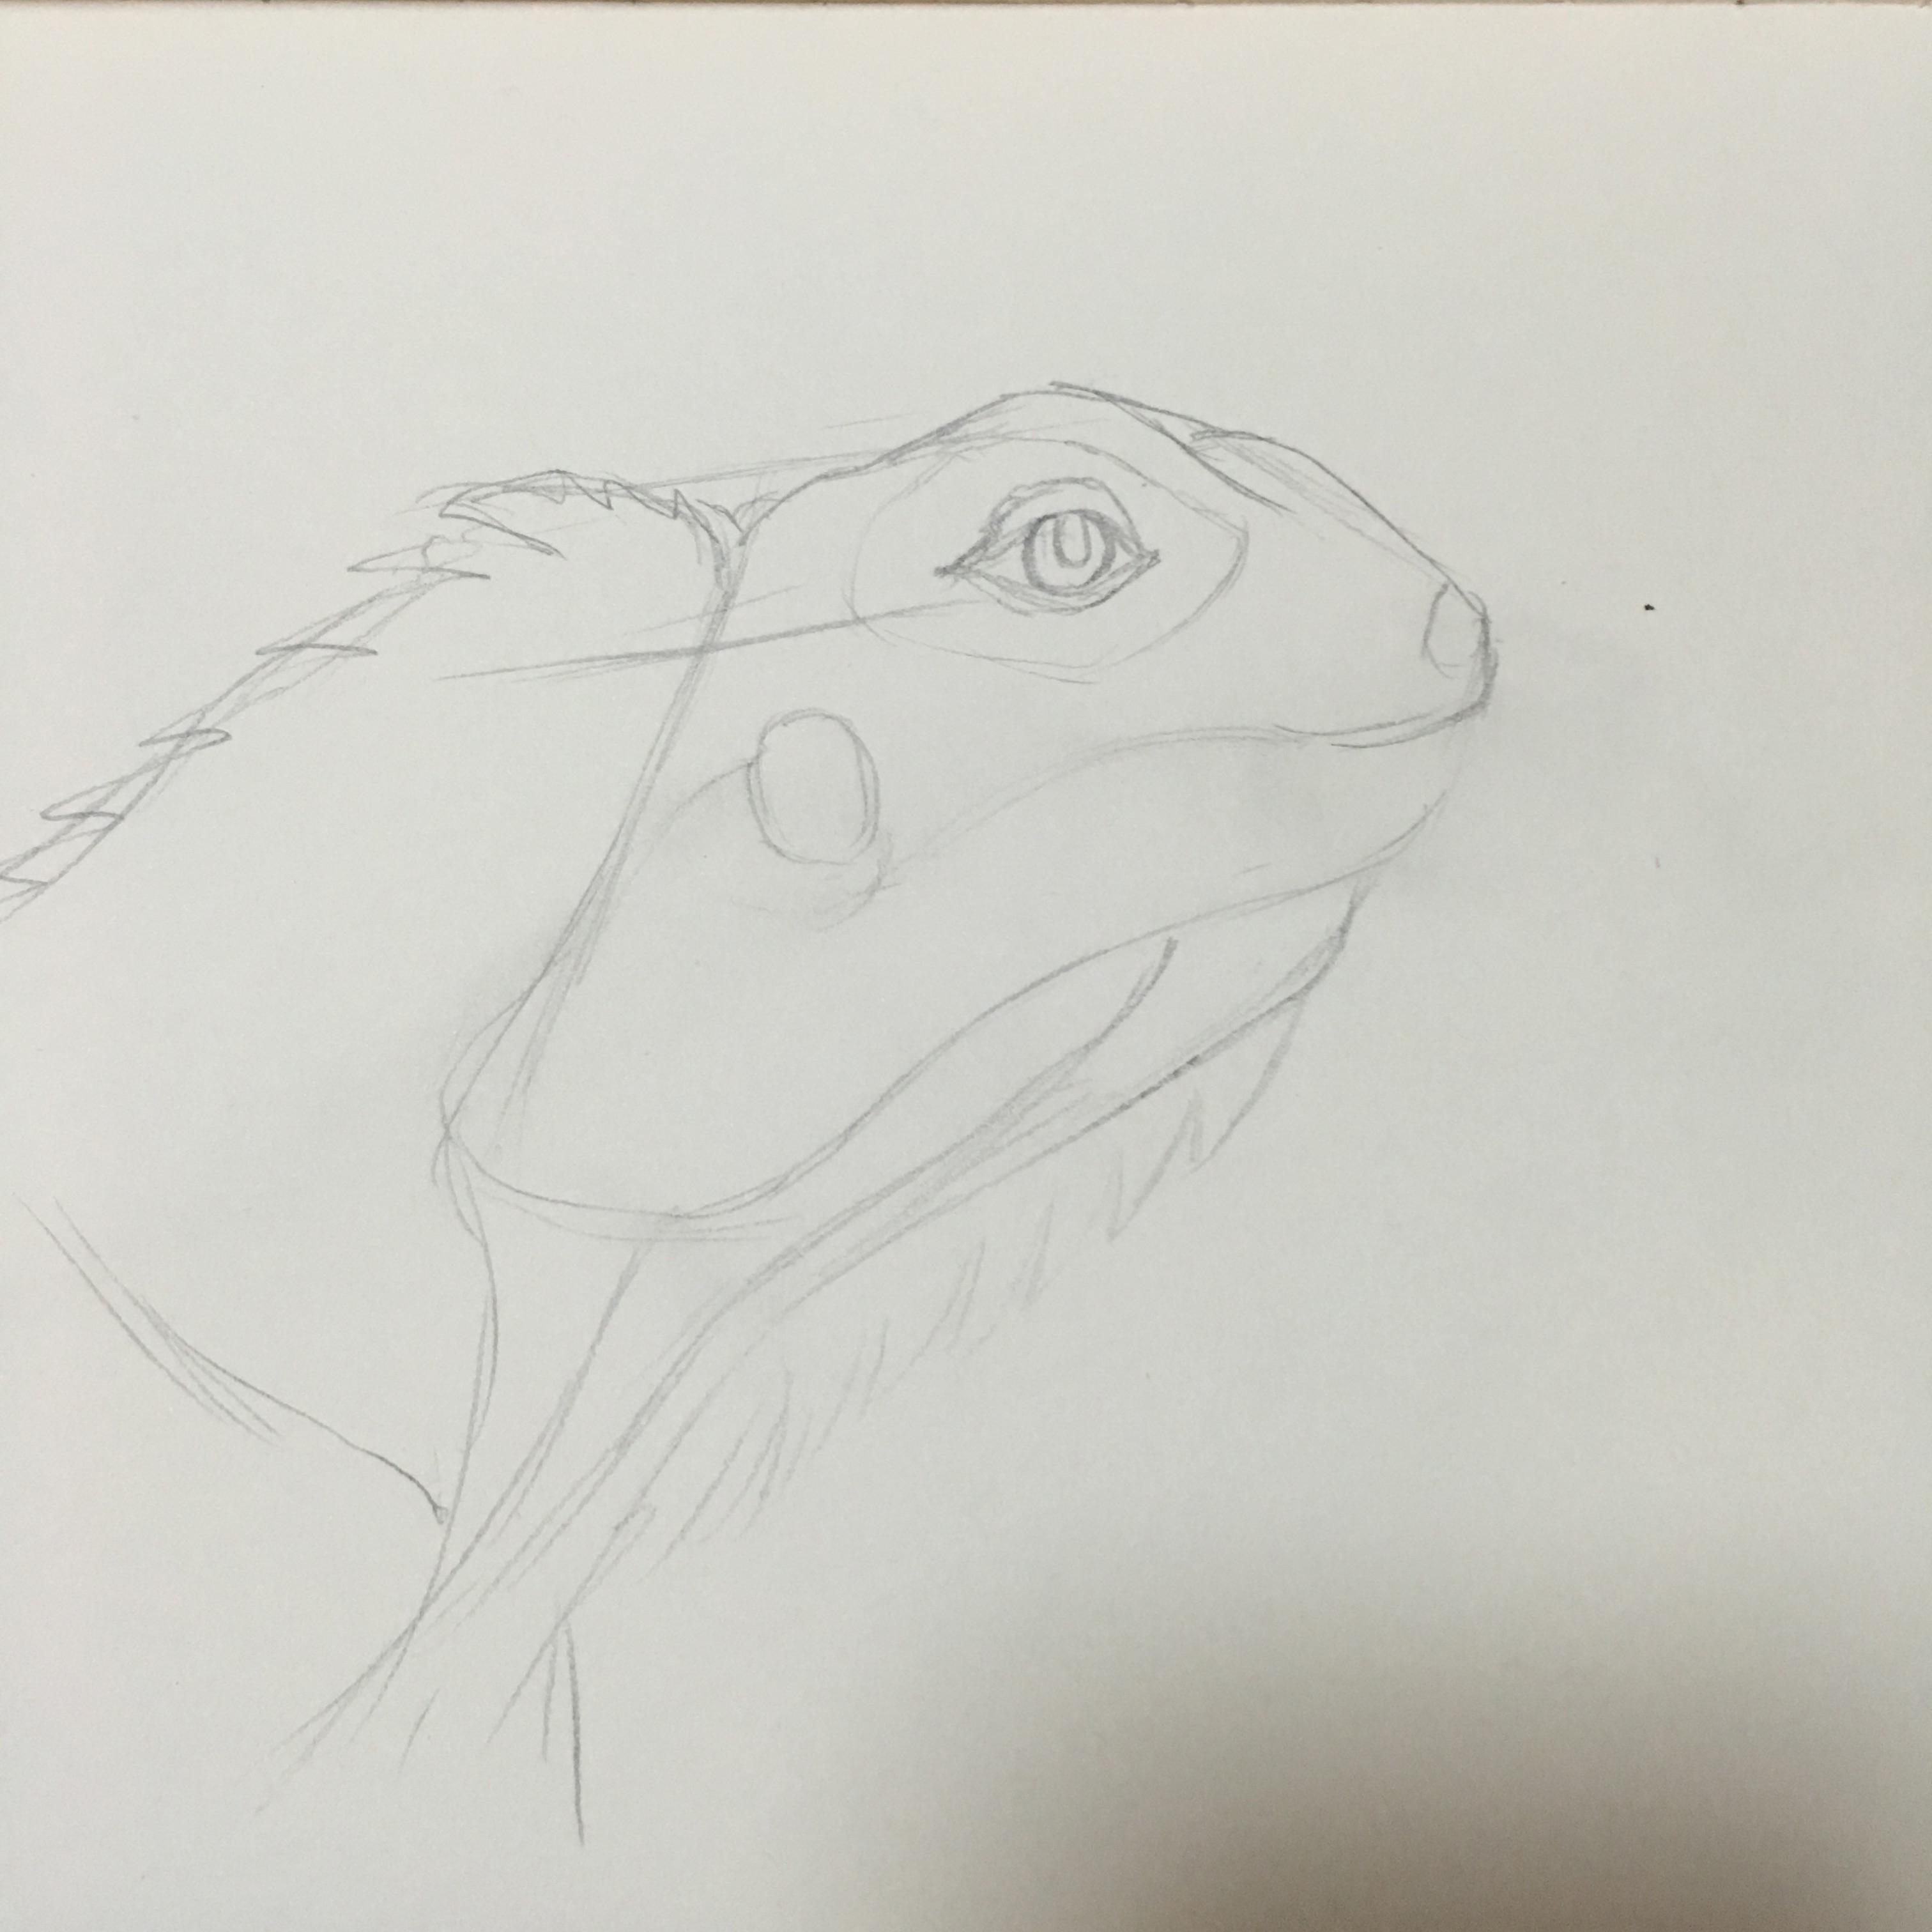 钢笔手绘——绿鬣蜥